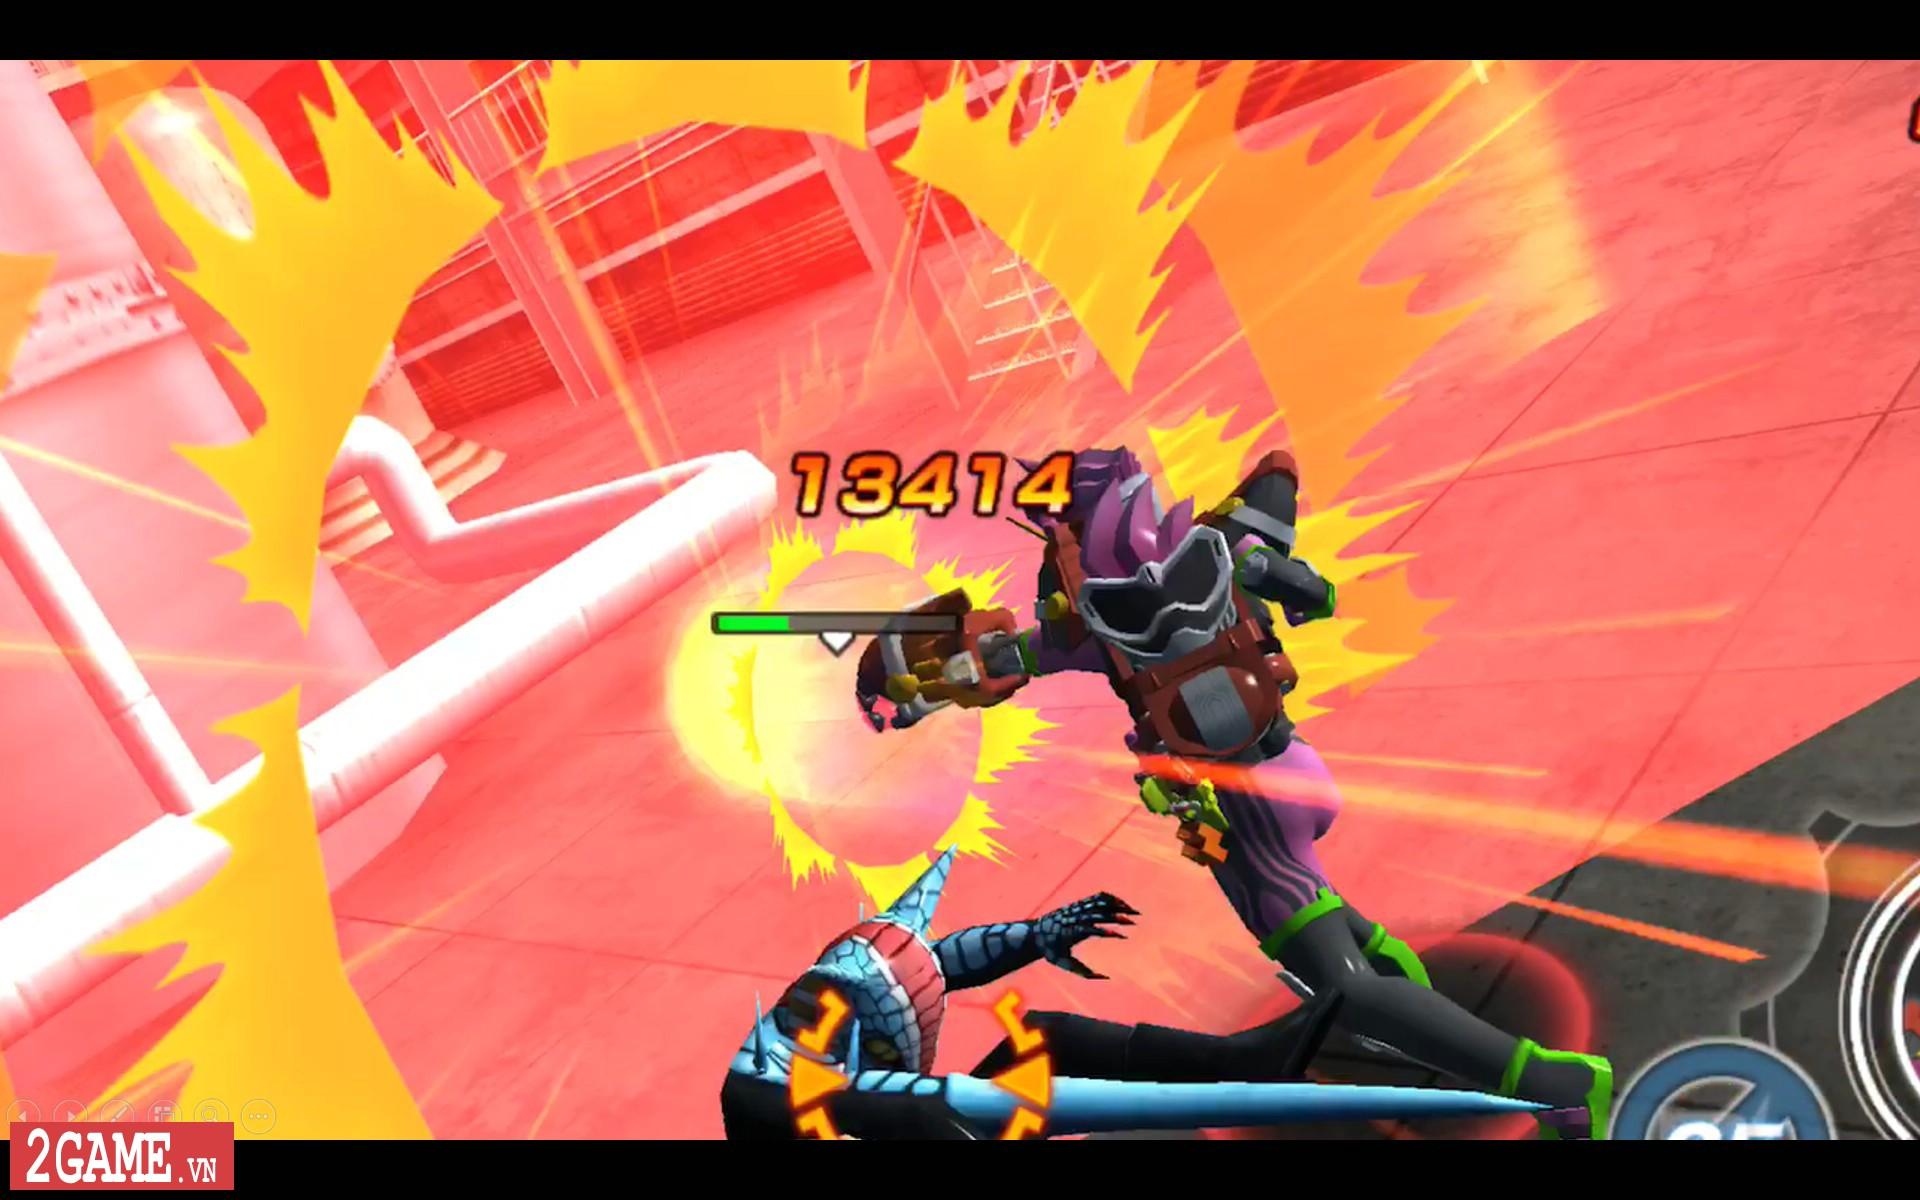 Kamen Rider: Climax Fighters - Game về Siêu nhân Phi Long bất ngờ đổ bộ lên nền tảng di động 3